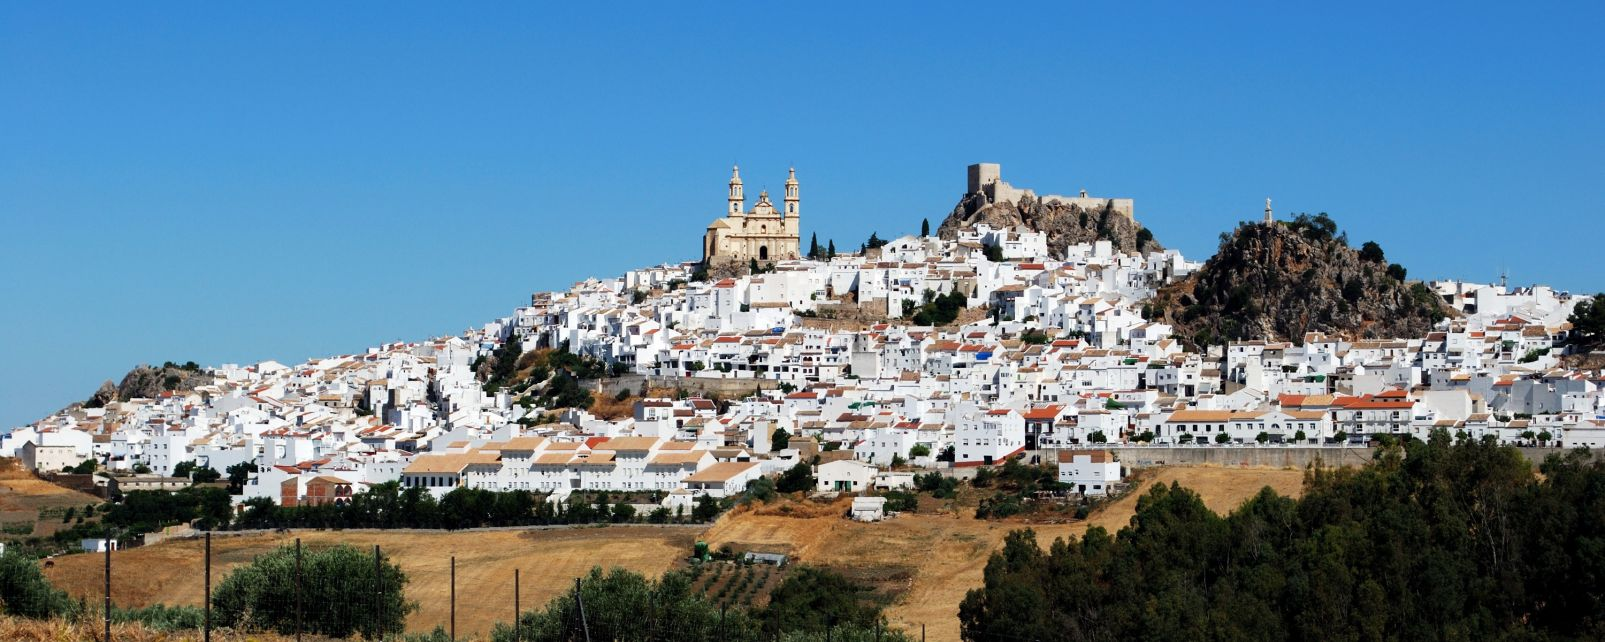 Die weißen Dörfer, Die Landschaften, Sevilla, Andalusien